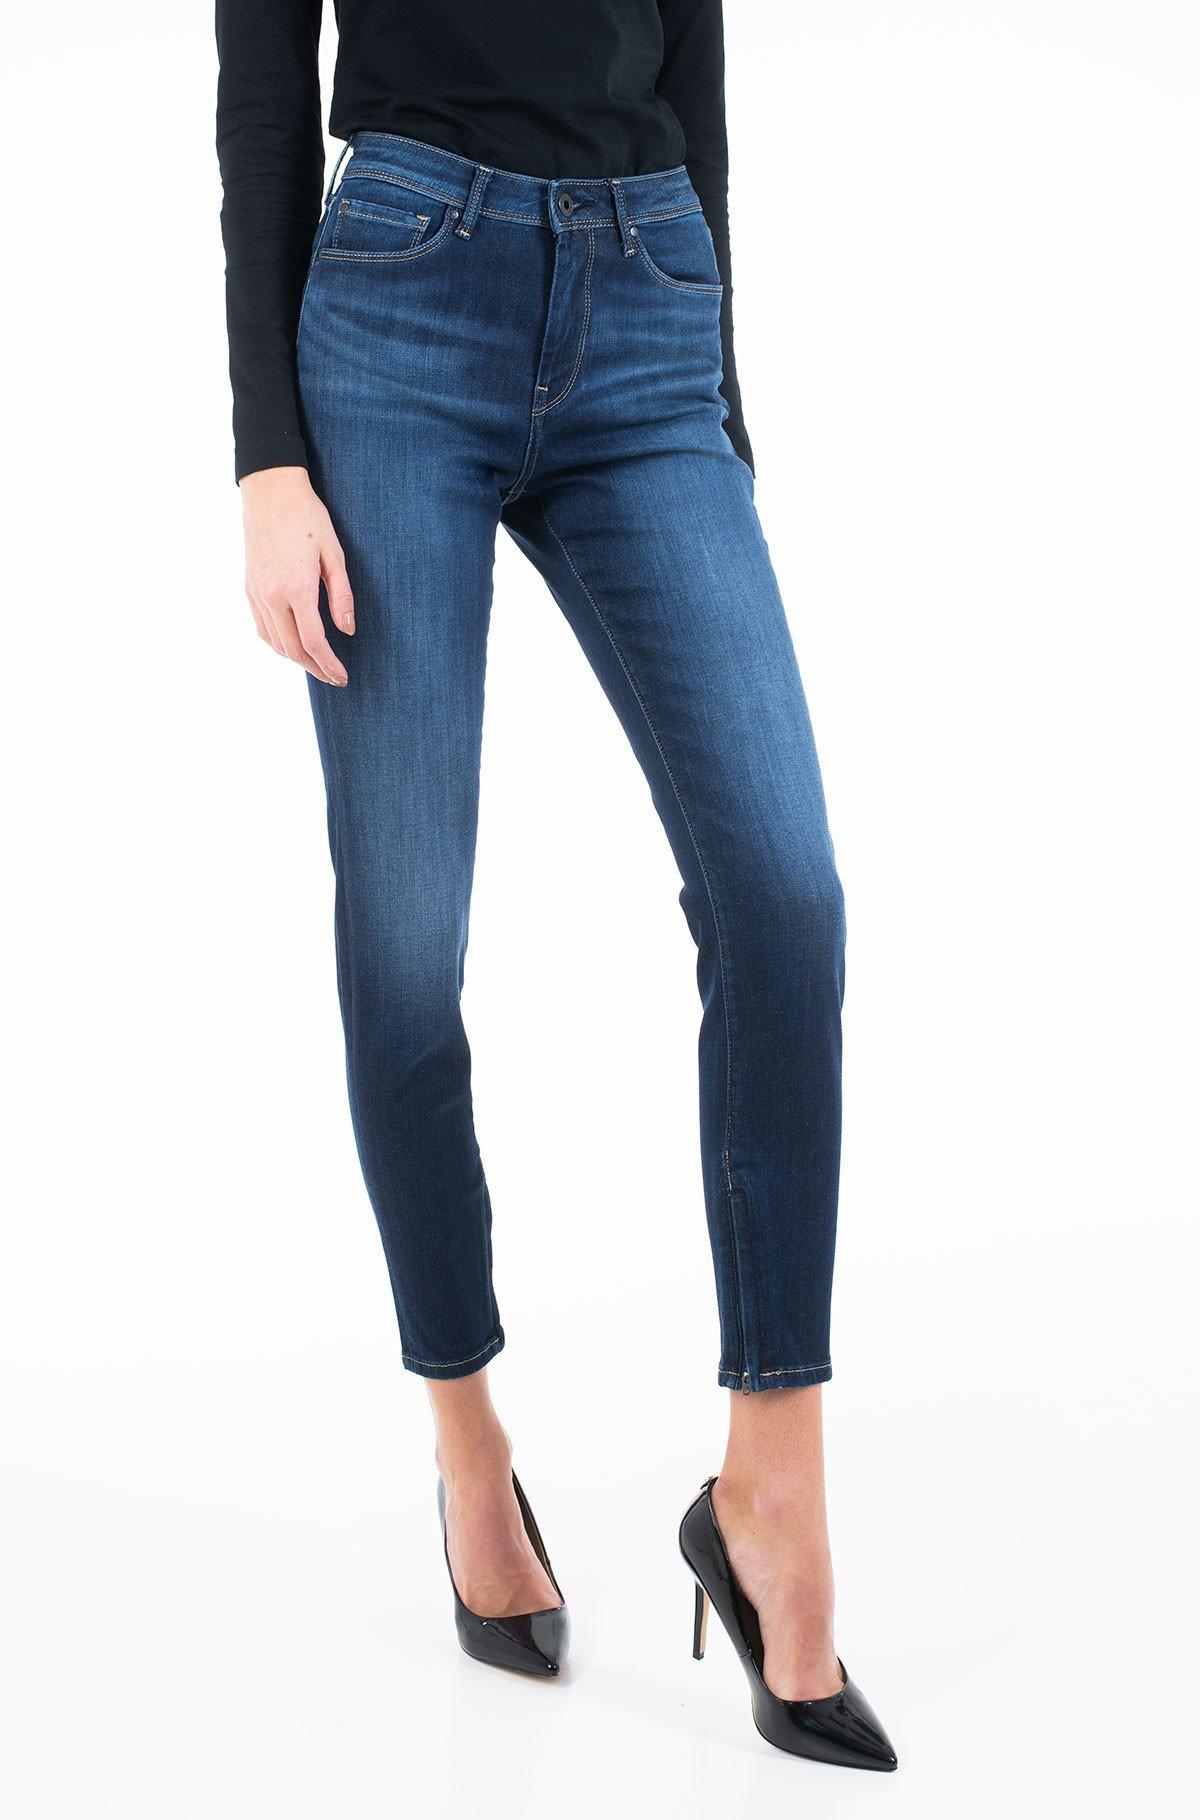 Jeans CHER HIGH/PL203384DC9-full-2